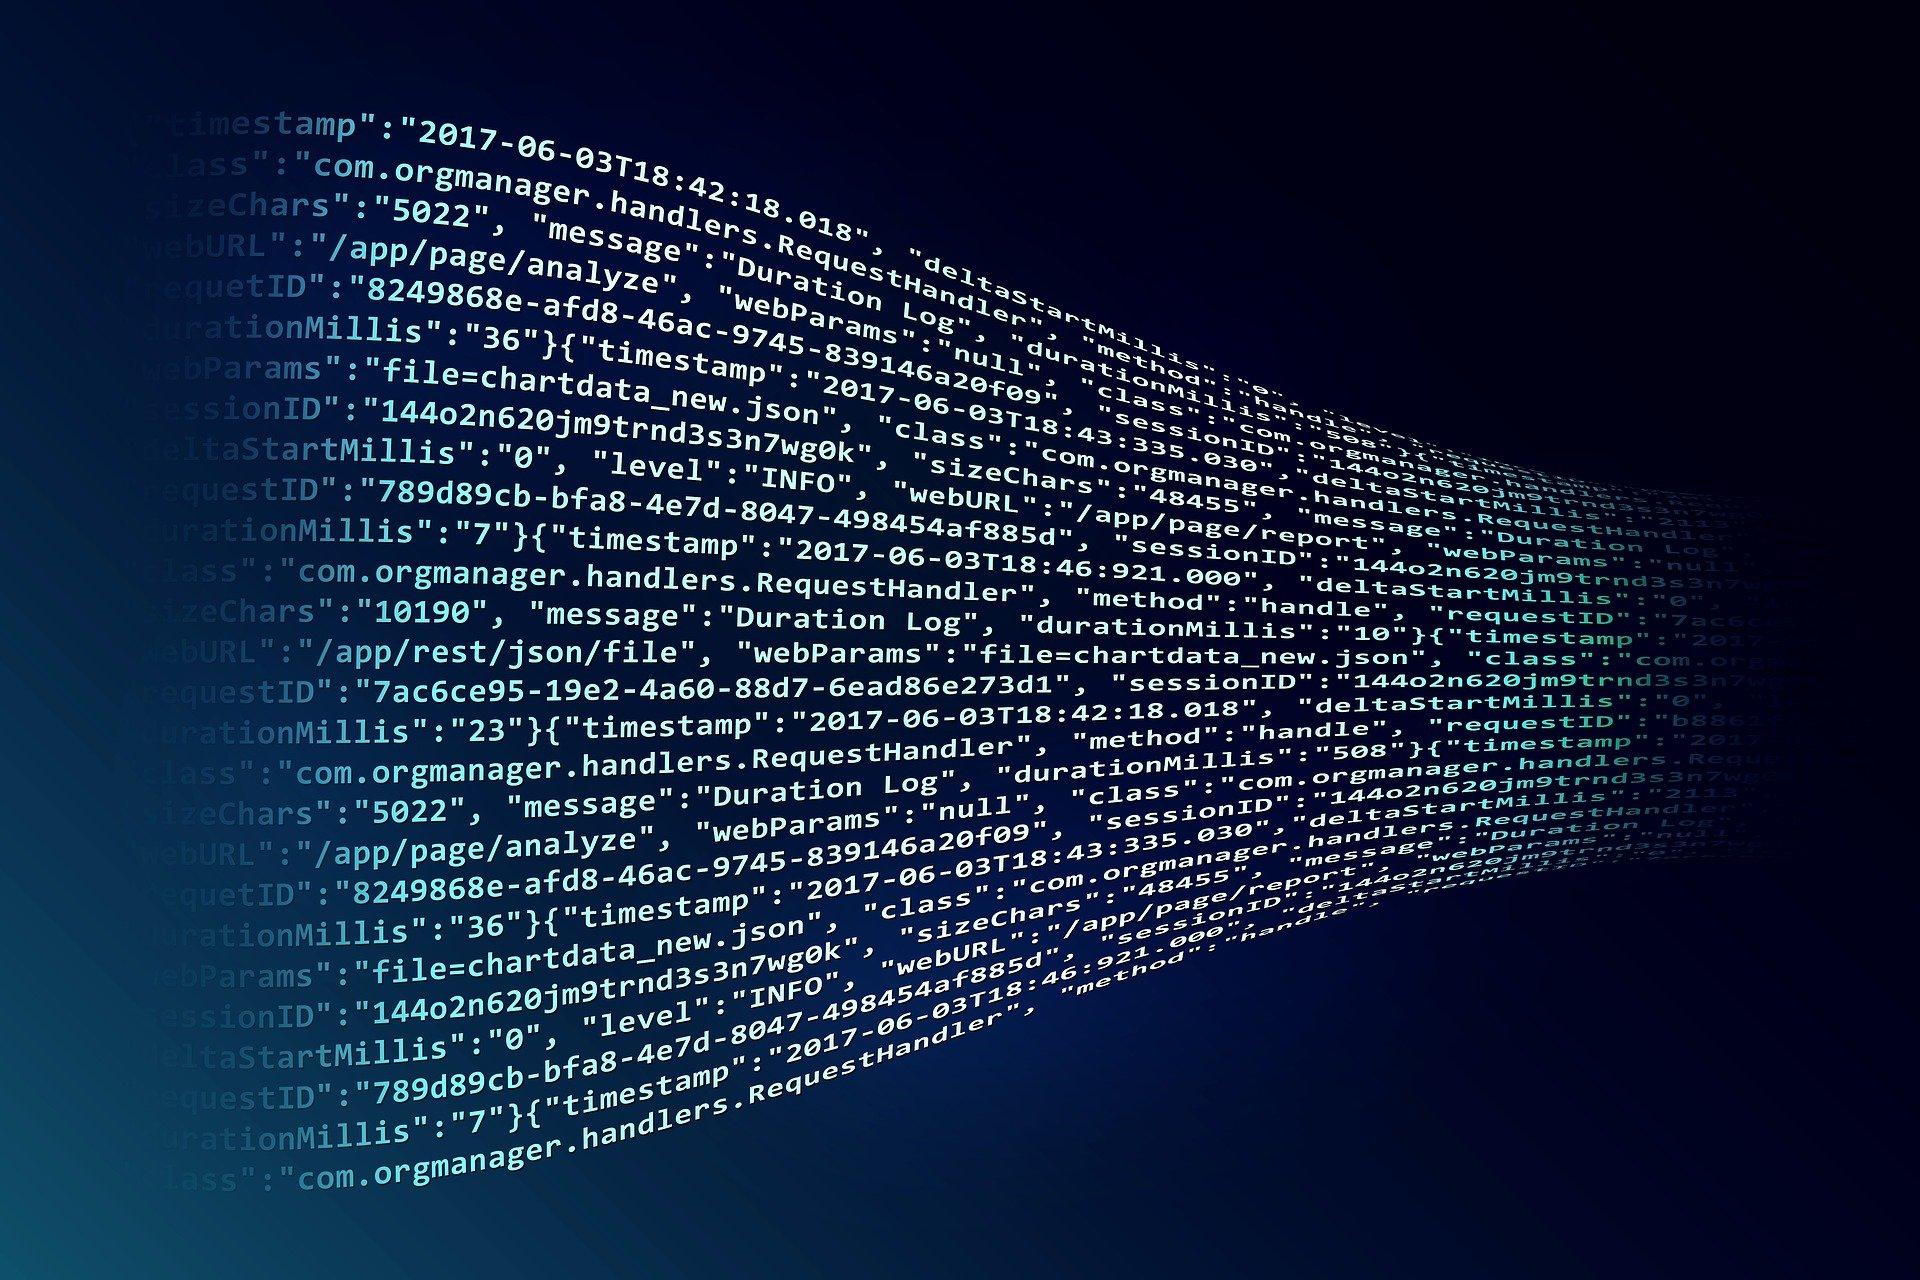 Аналитики больших данных соберутся на всероссийском форуме в Севастополе